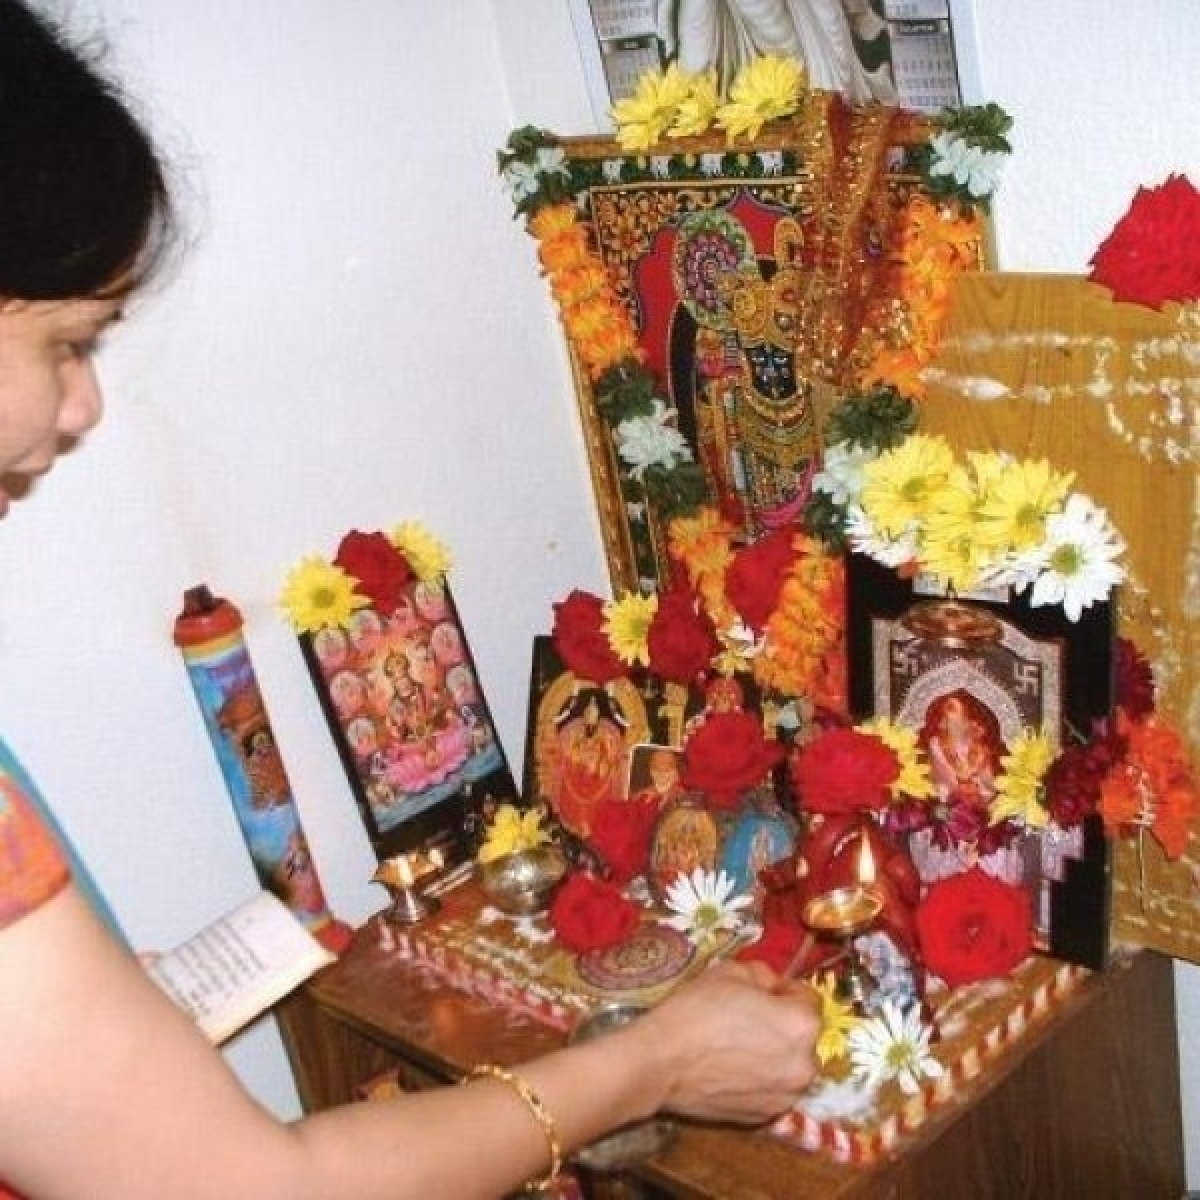 பெண்களுக்கானது ஆடி மாதம்... ஏன்? #AadiSpecial